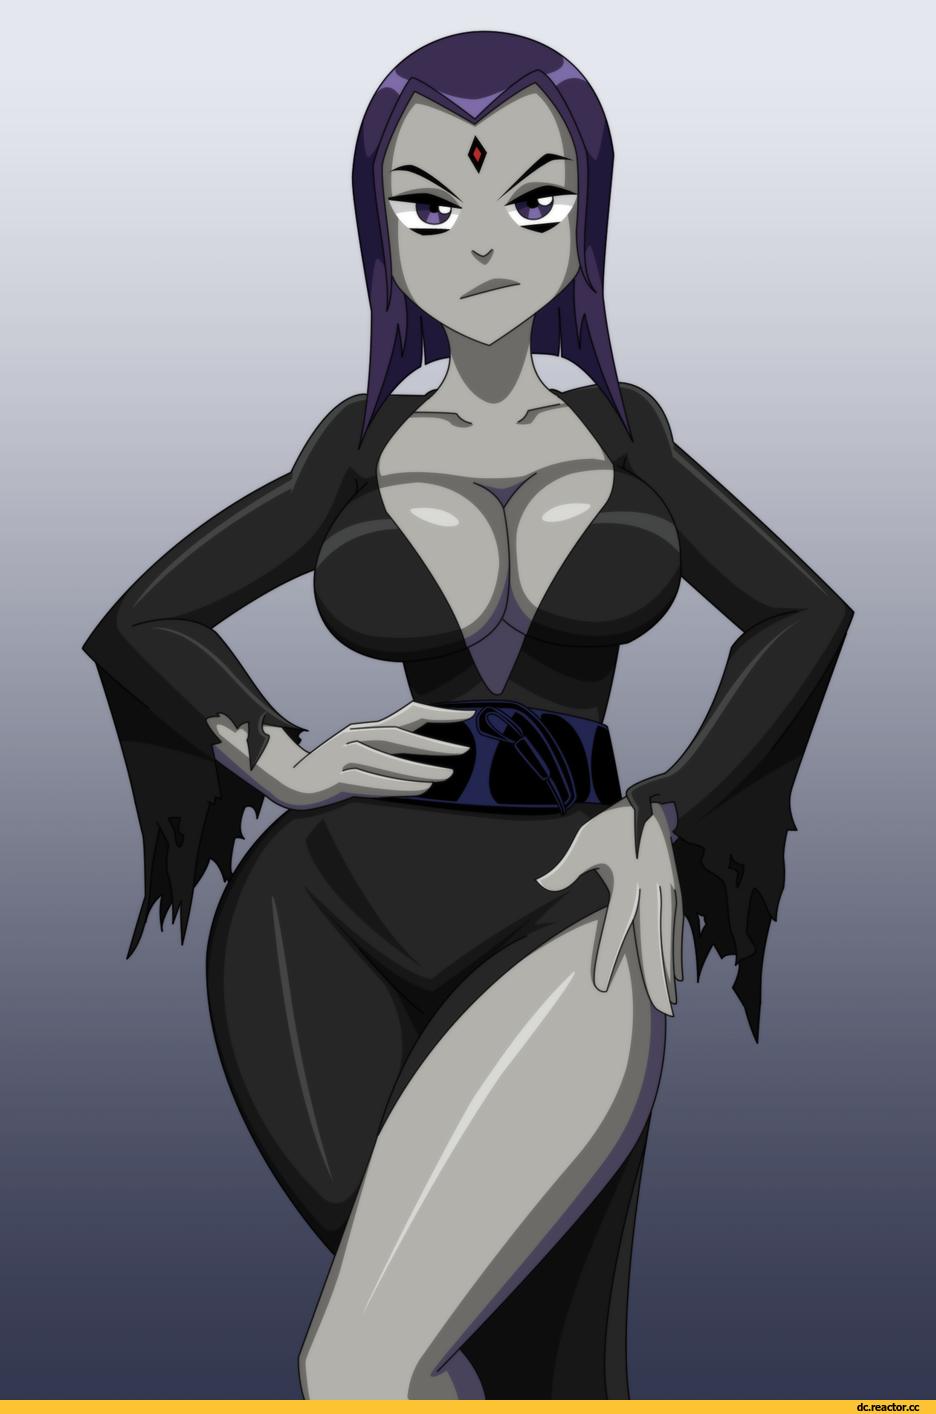 Titans raven erotica — 1